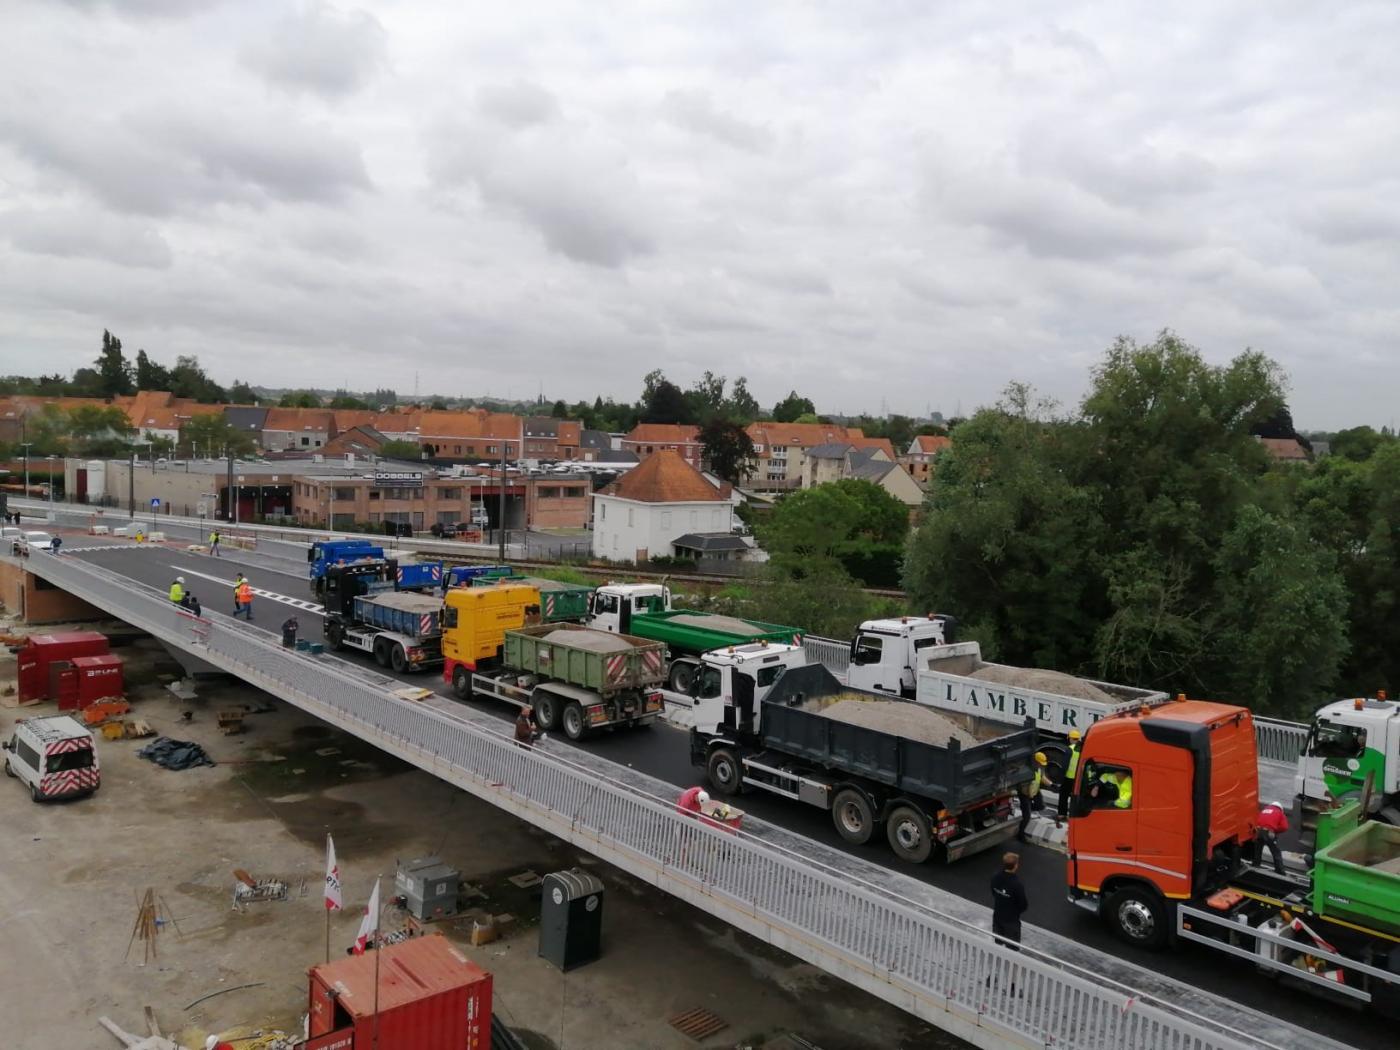 Volgeladen vrachtwagens testen de stevigheid van de brug